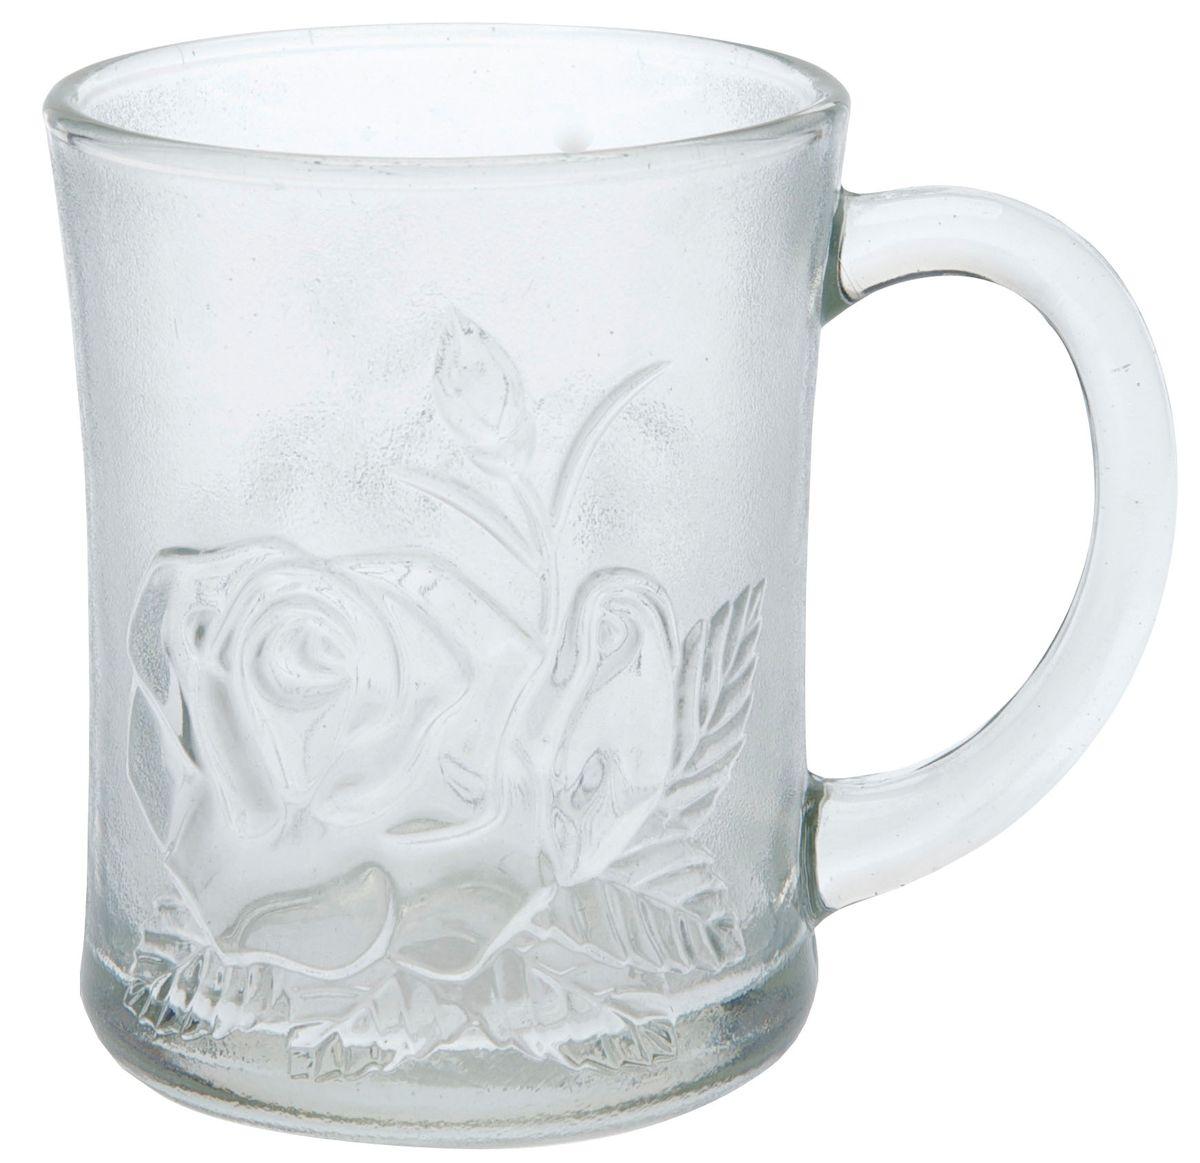 Кружка Axentia Роза, 250 мл845360Кружка Axentia Роза изготовлена из прочного матового стекла и декорирована рельефным изображением розы. Такая кружка прекрасно подойдет для горячих и холодных напитков. Она дополнит коллекцию вашей кухонной посуды и будет служить долгие годы.